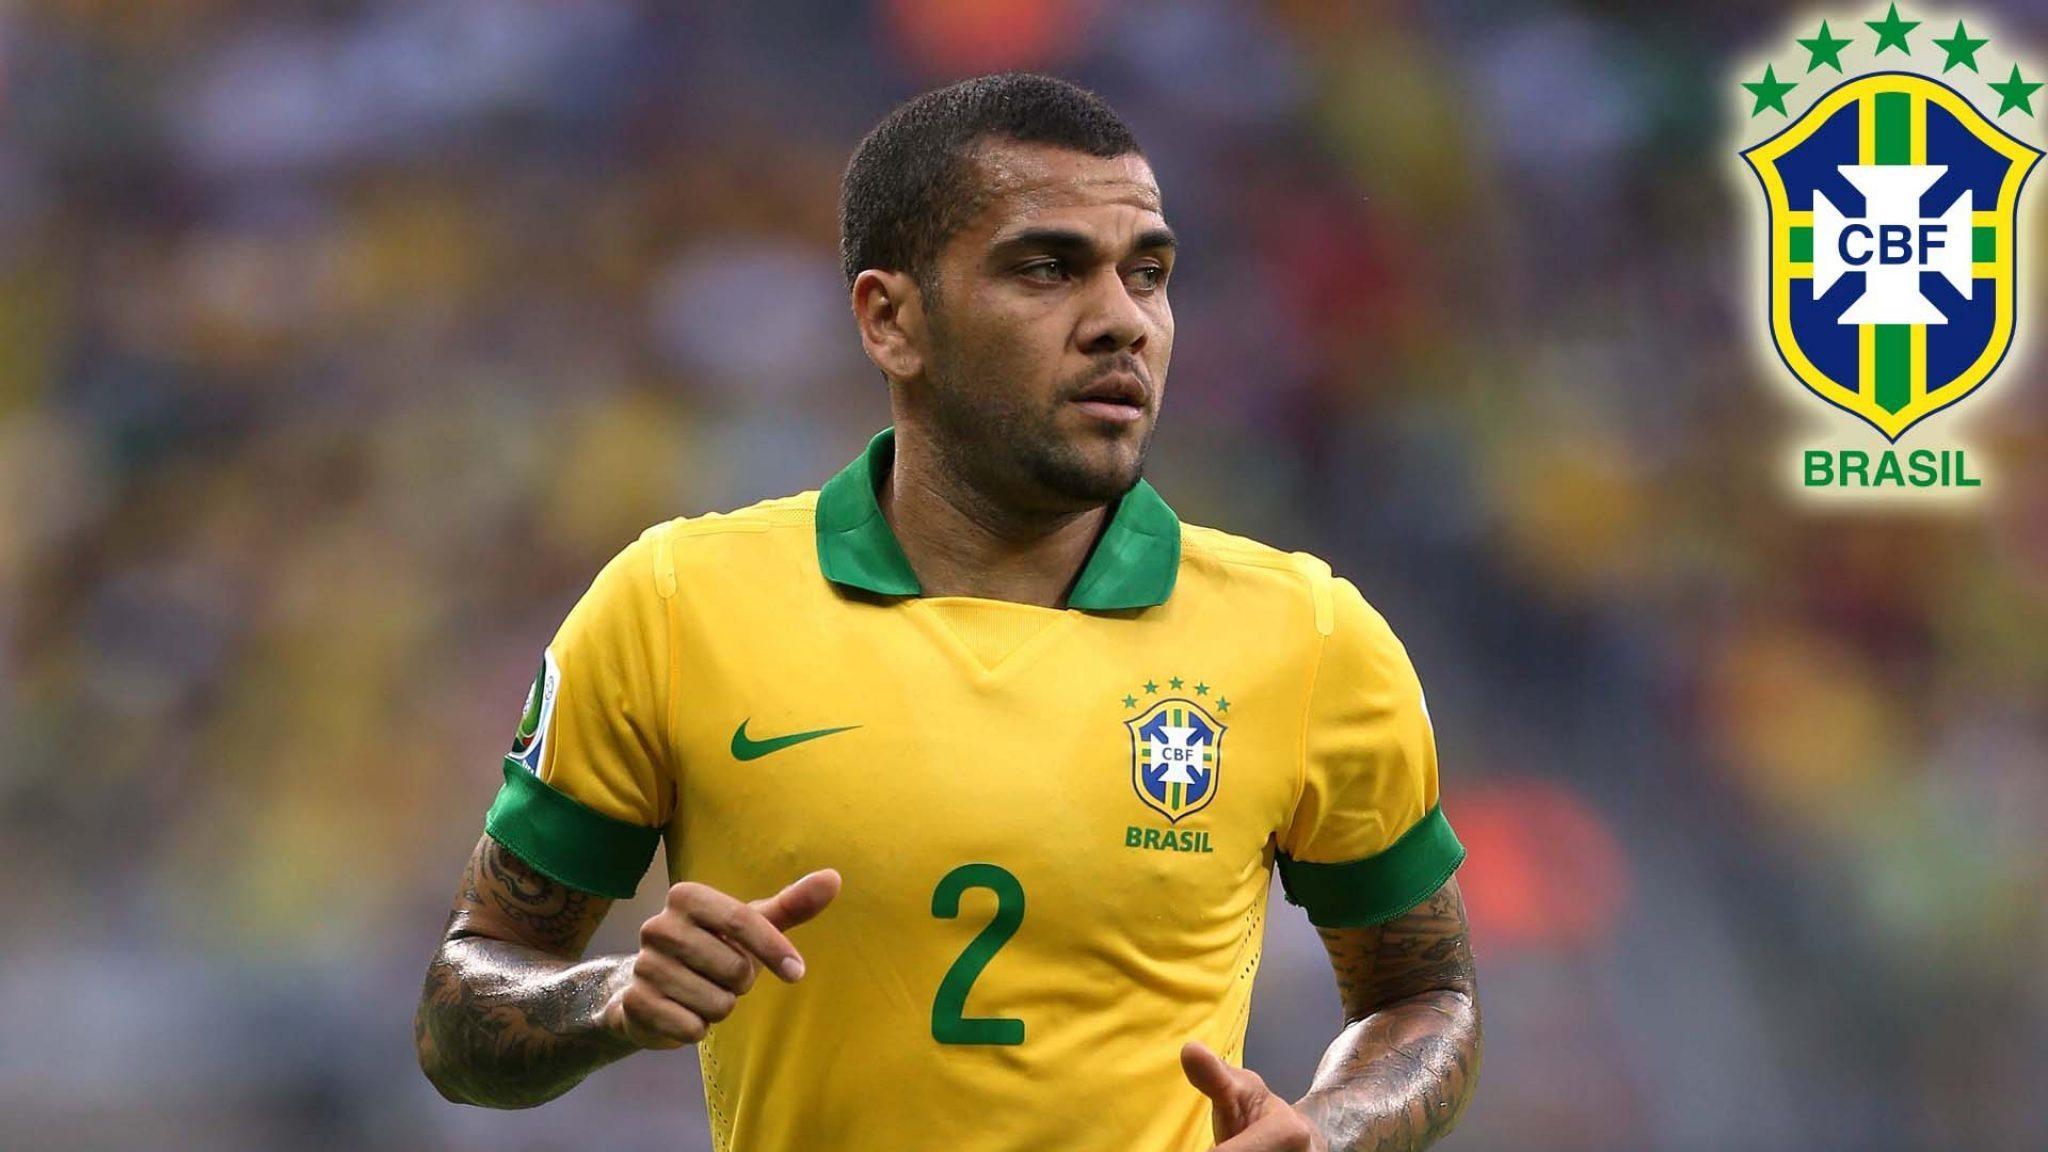 Daniel Alves 2 Brazil Dgl Sports Vancouver Sport